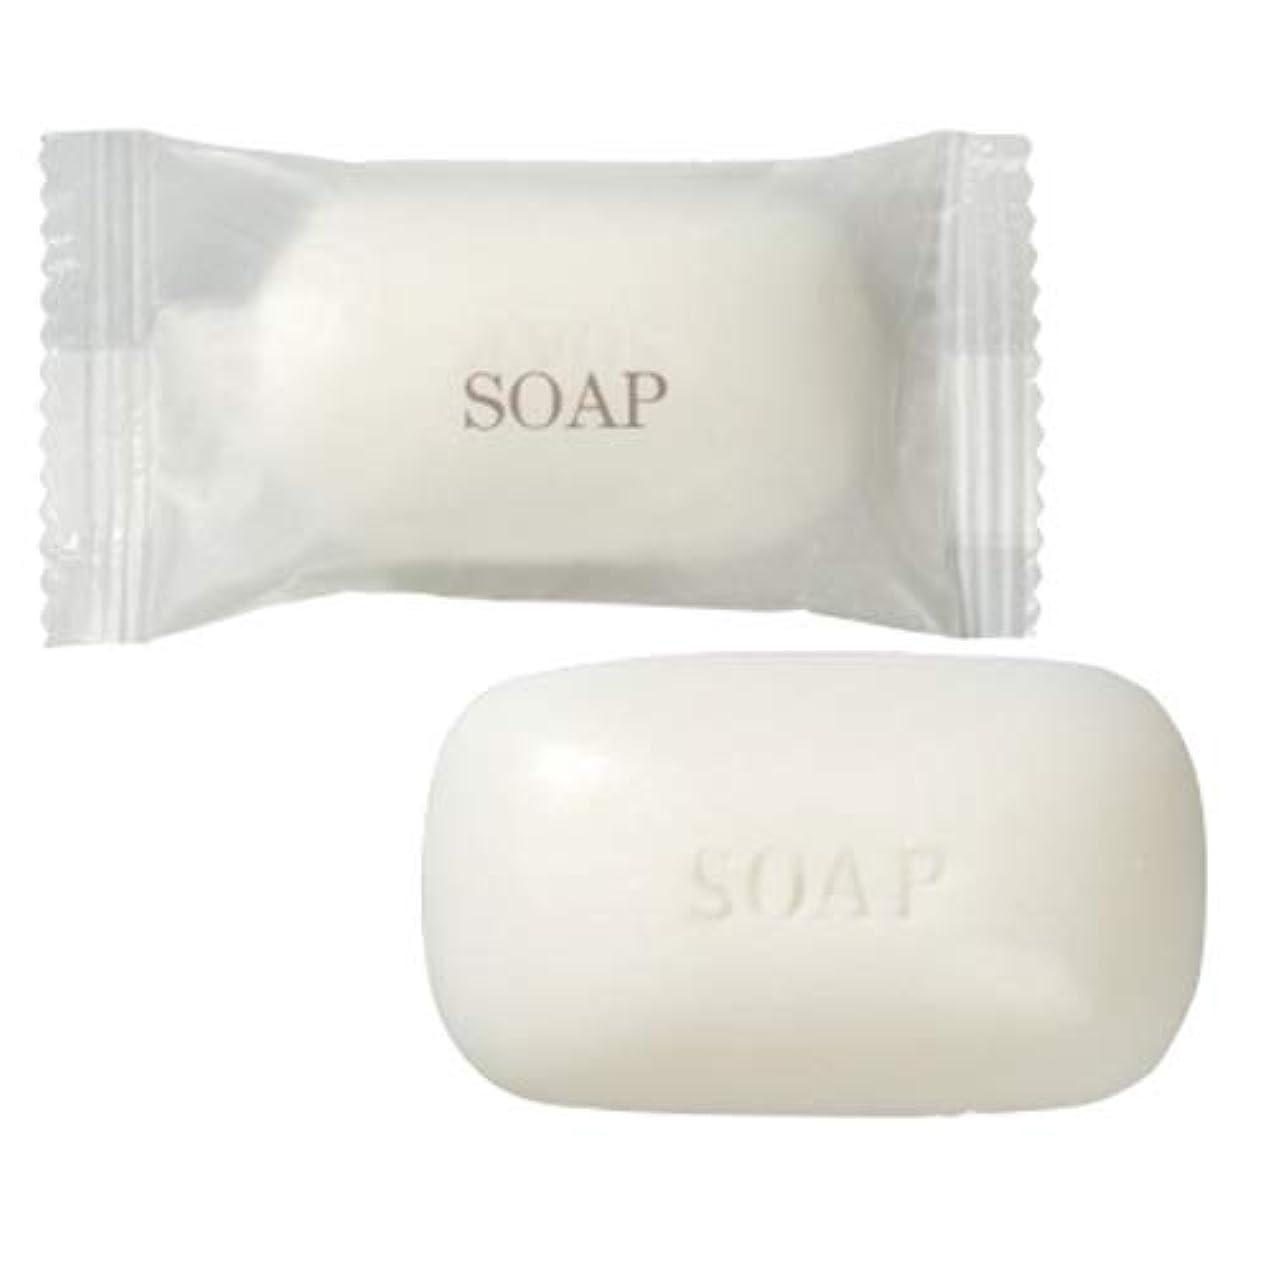 穏やかな発音製造業業務用 フィードソープ(FEED SOAP) マット袋(M袋) 15g ×500個 | ホテルアメニティ 個包装